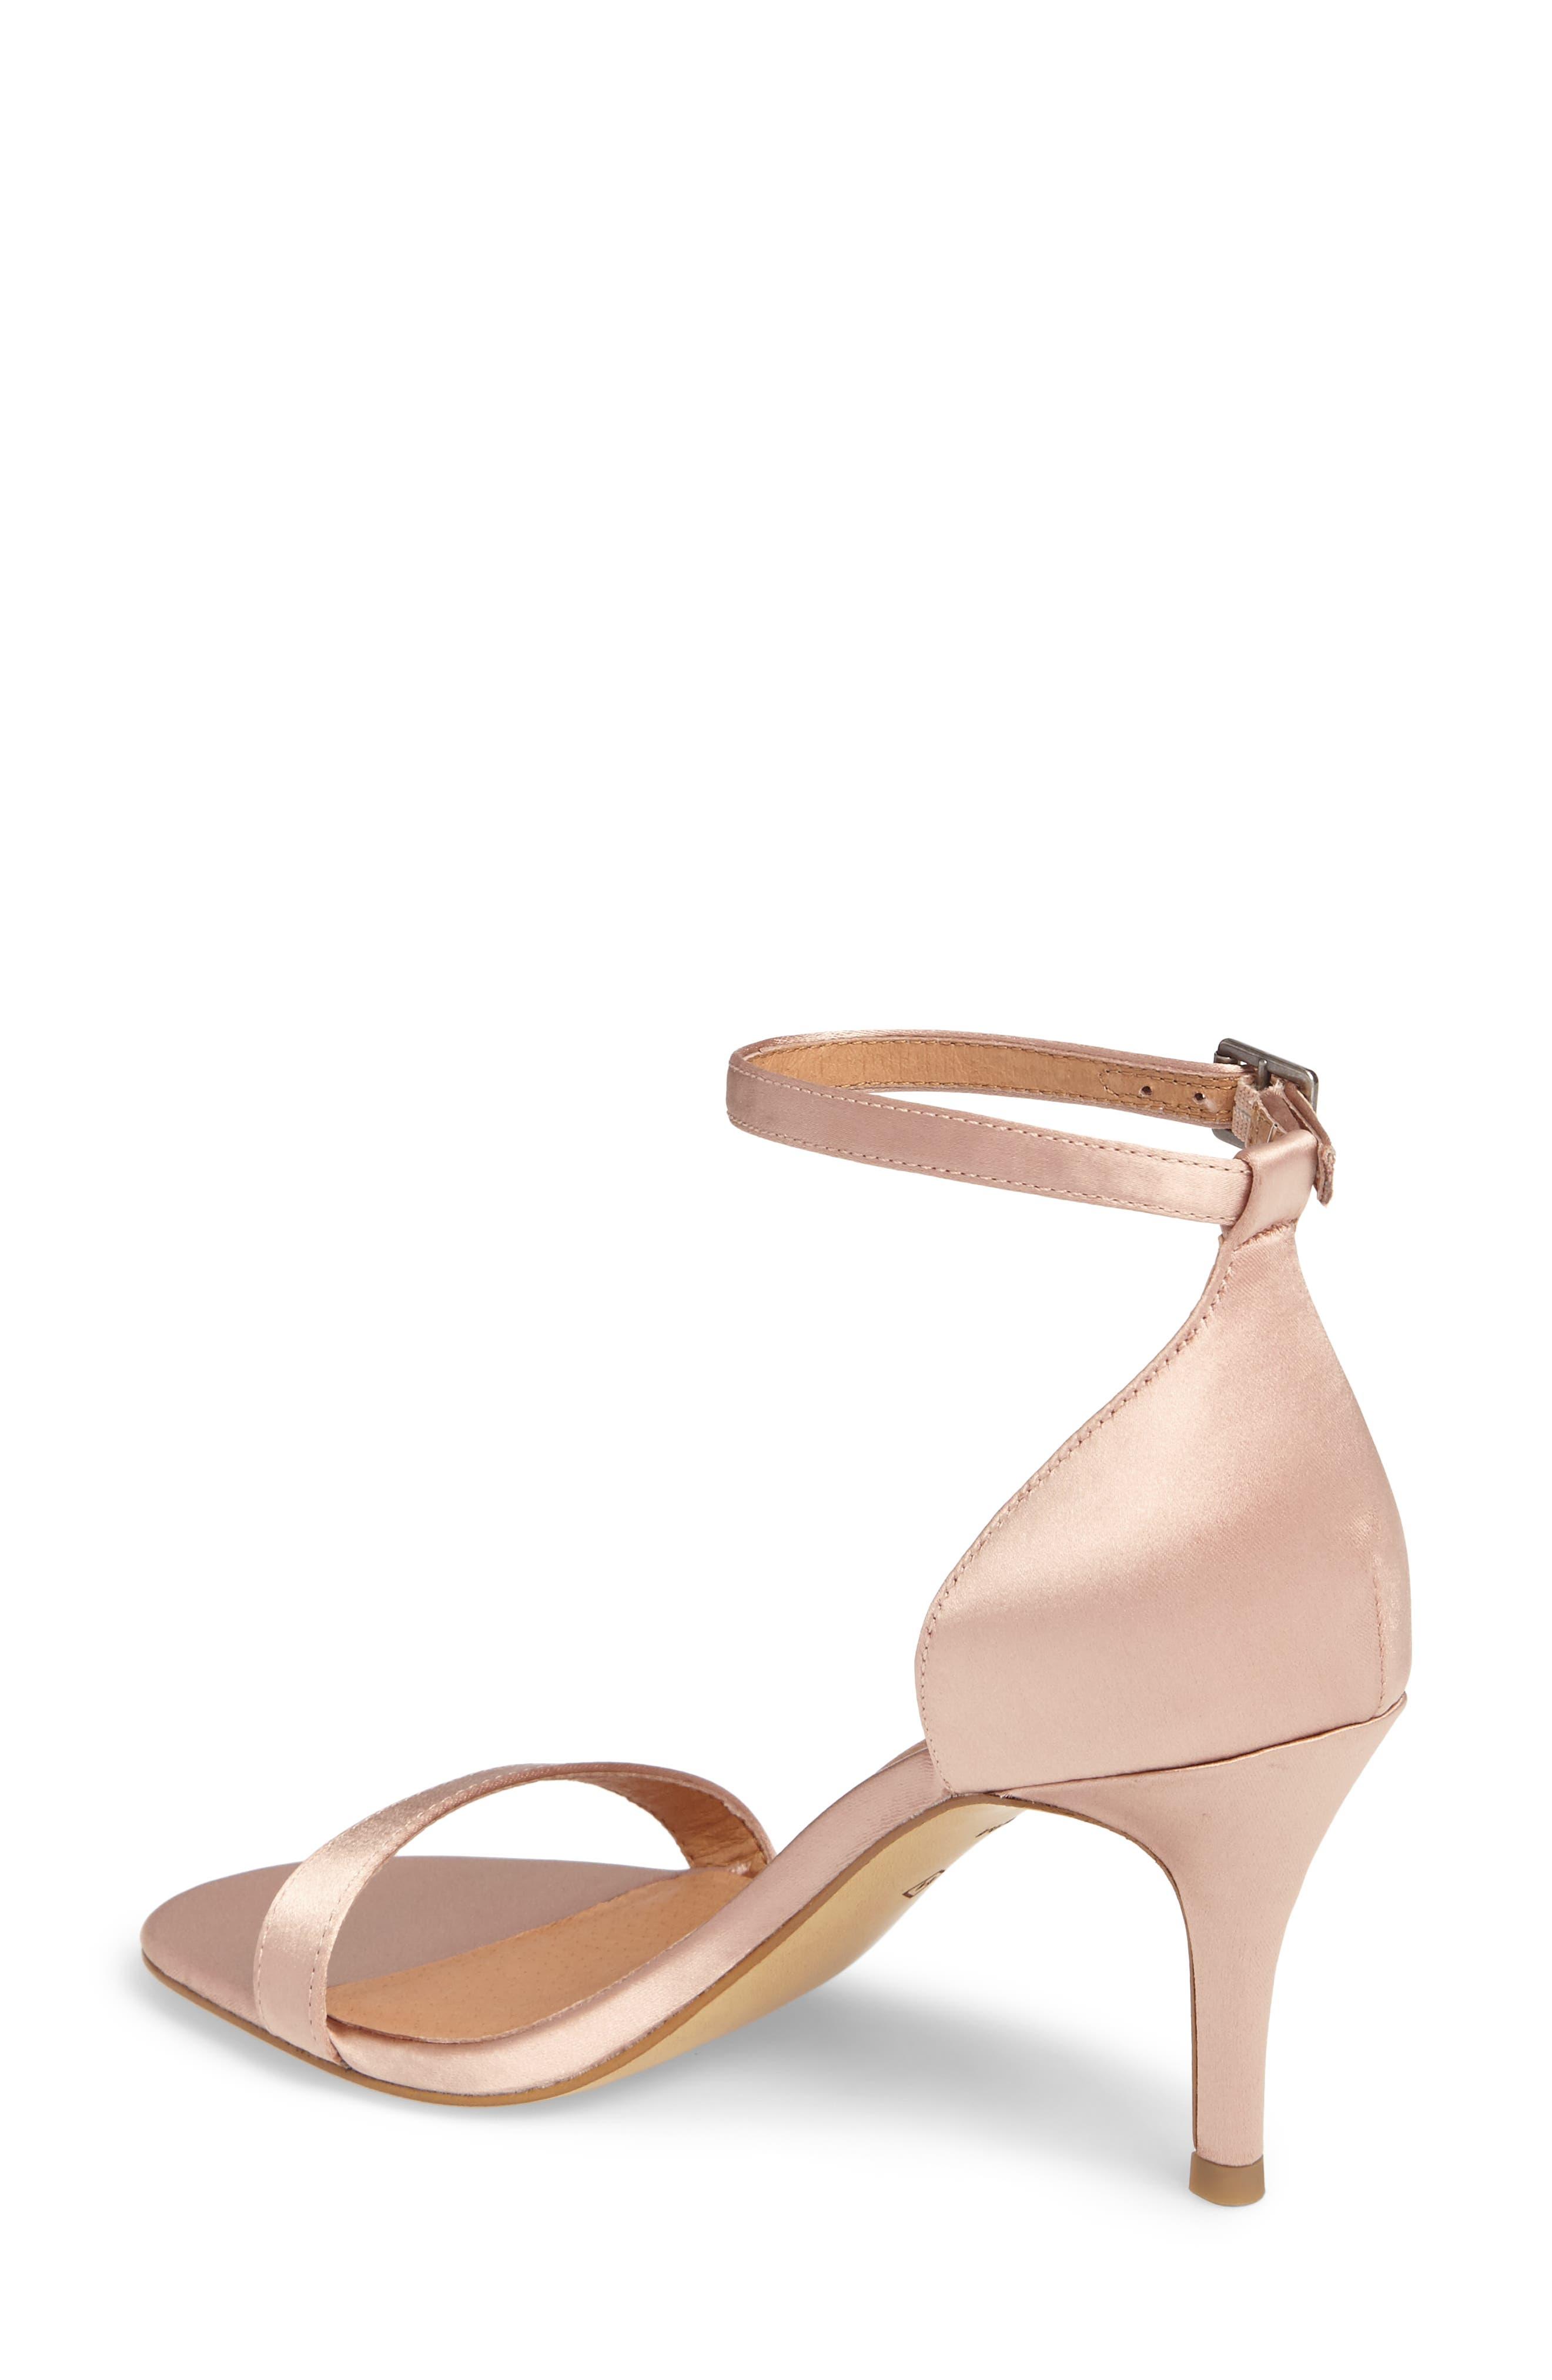 Audrey Ankle Strap Sandal,                             Alternate thumbnail 41, color,